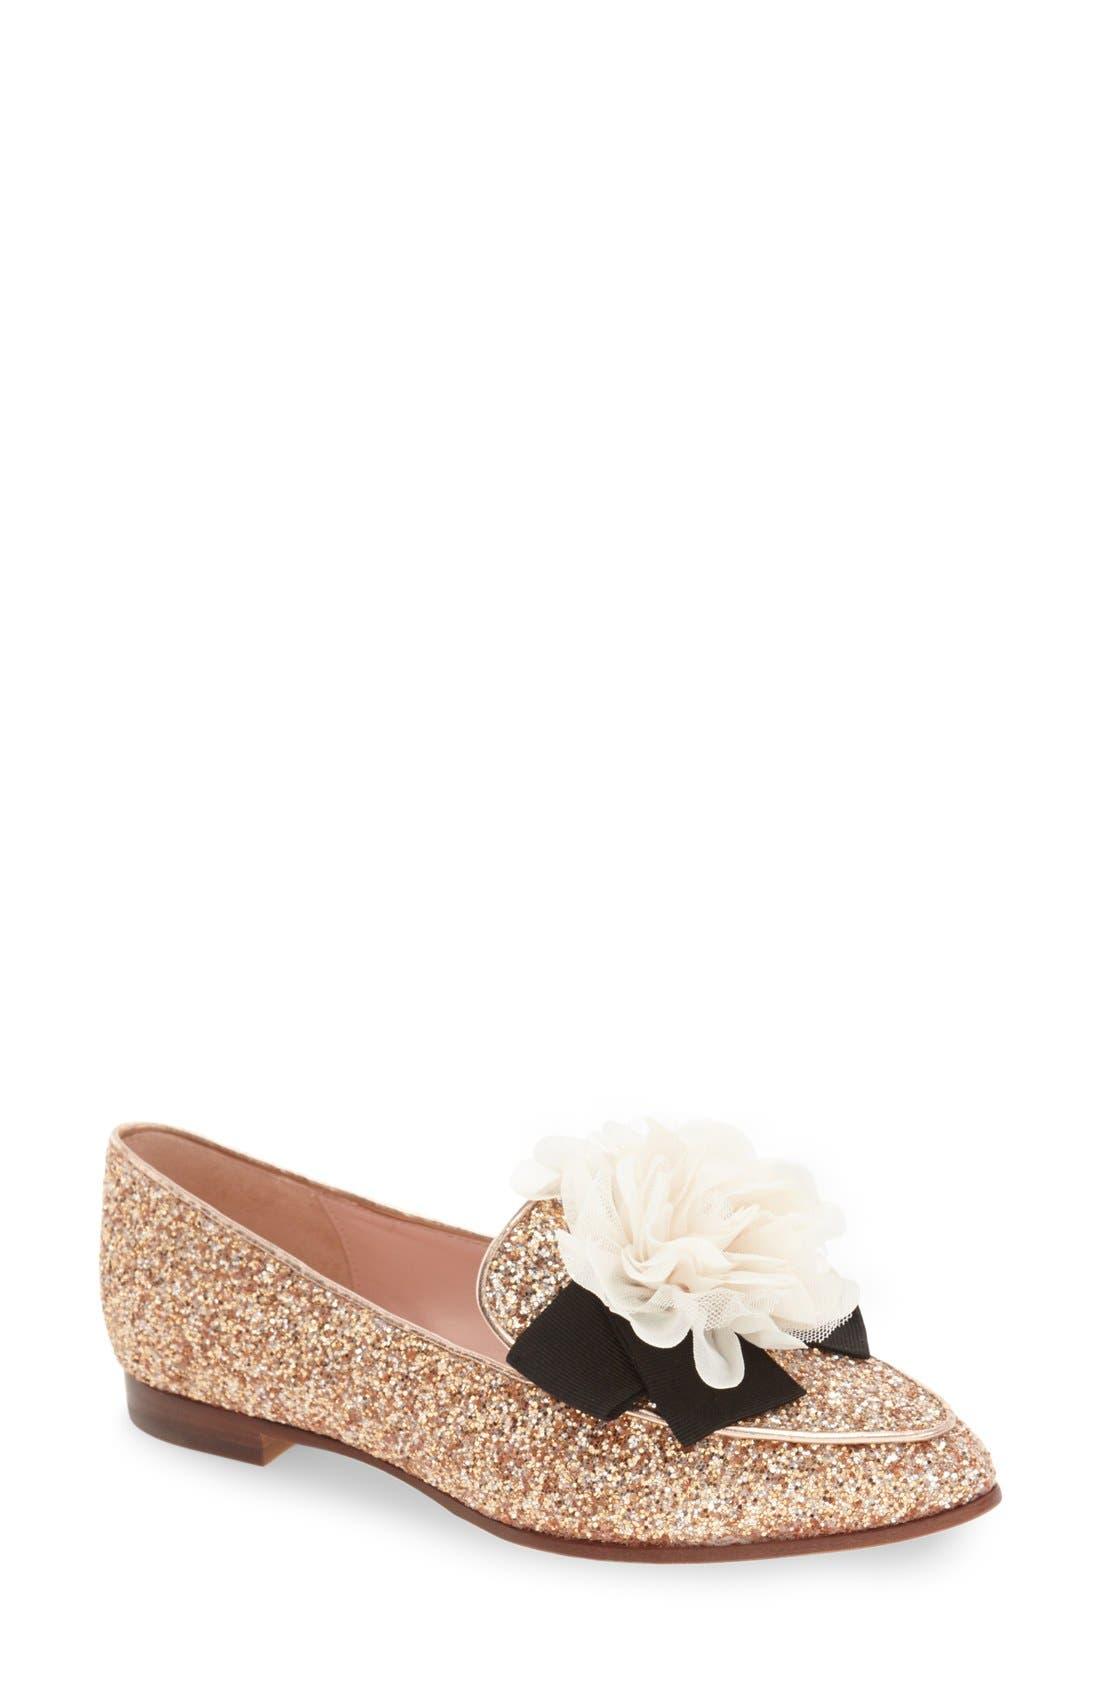 Alternate Image 1 Selected - kate spade new york 'cinda' flower loafer (Women)